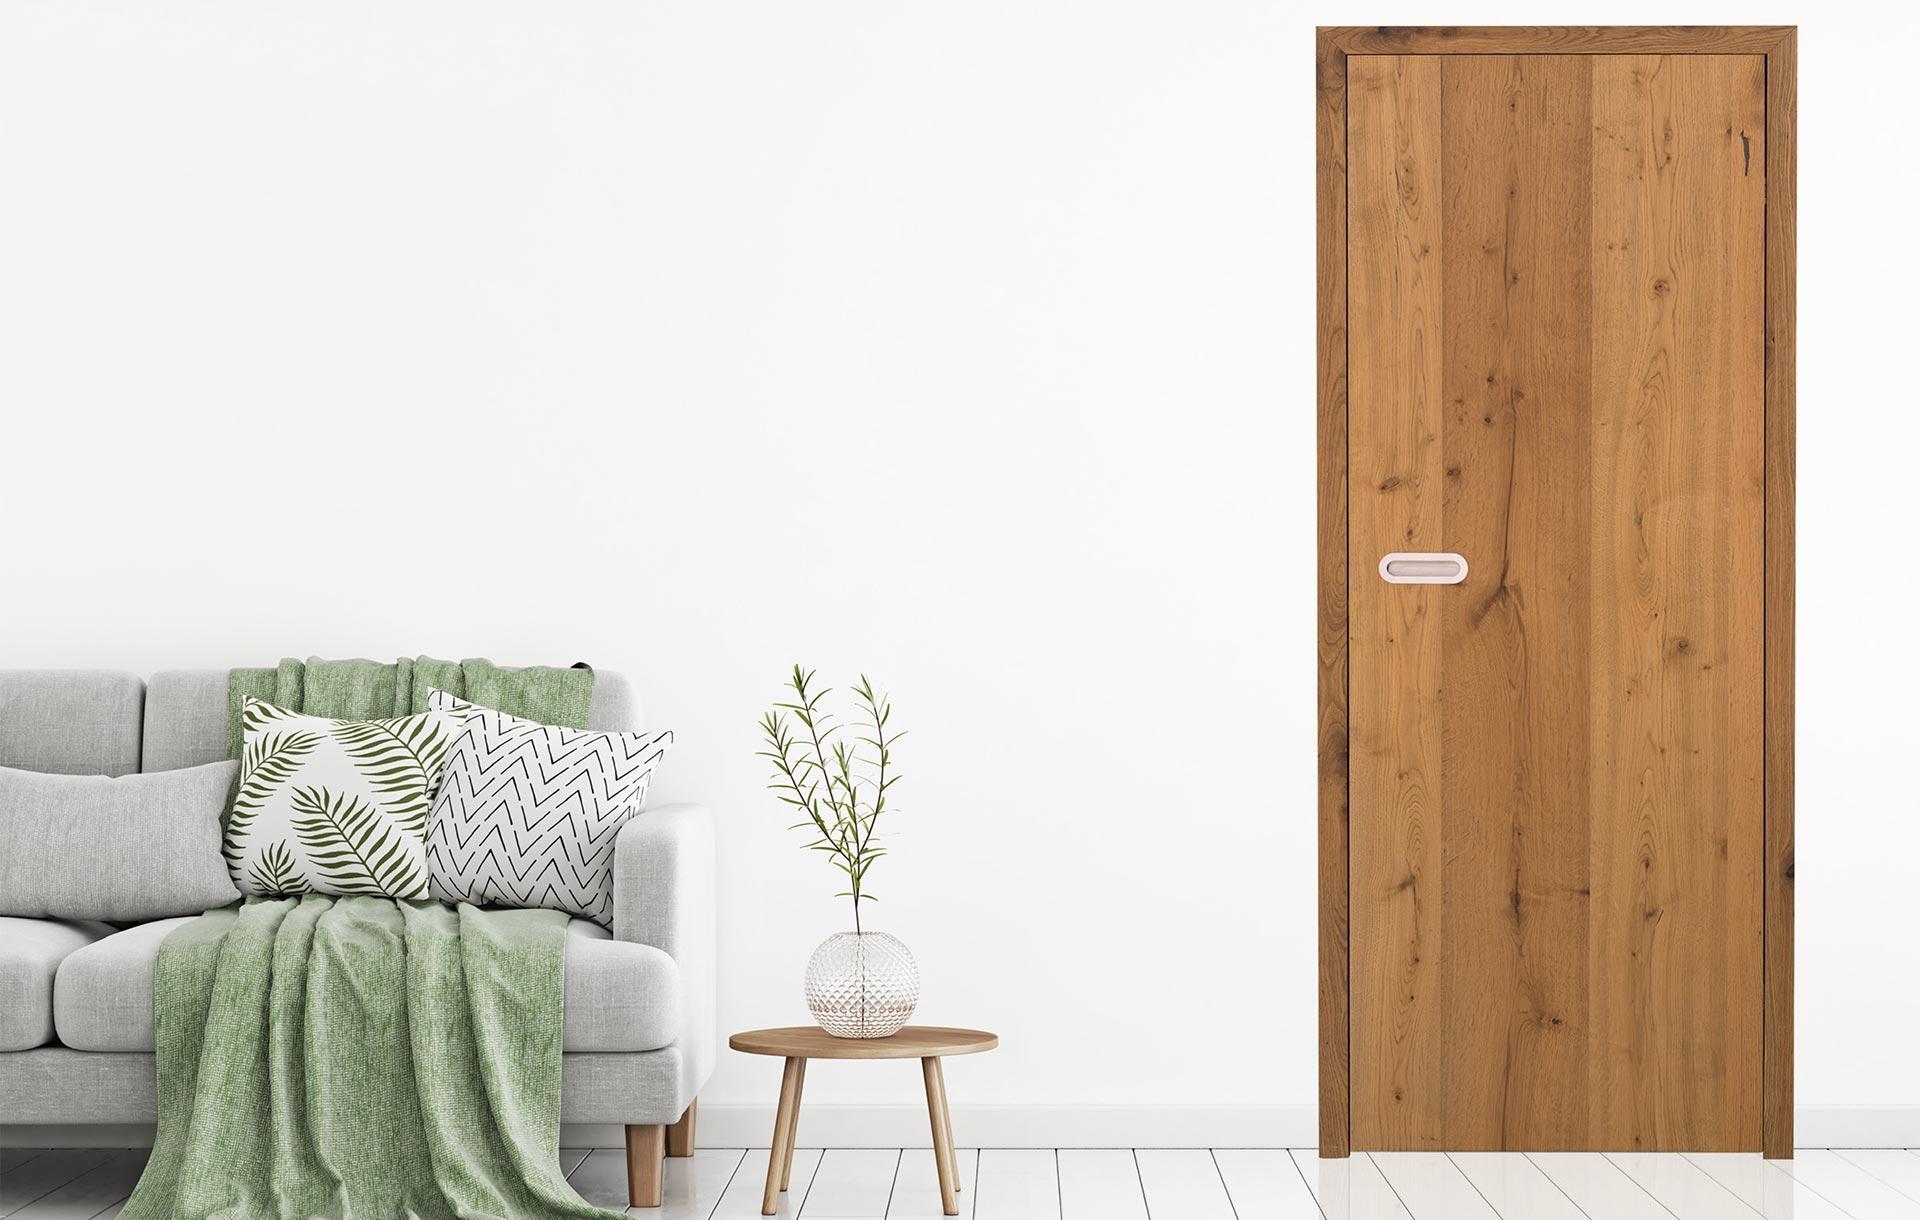 Beispiel: Wandbündige Holz-Zarge Stumpf einschlagend Kombination Bekleidung und Futterbrett